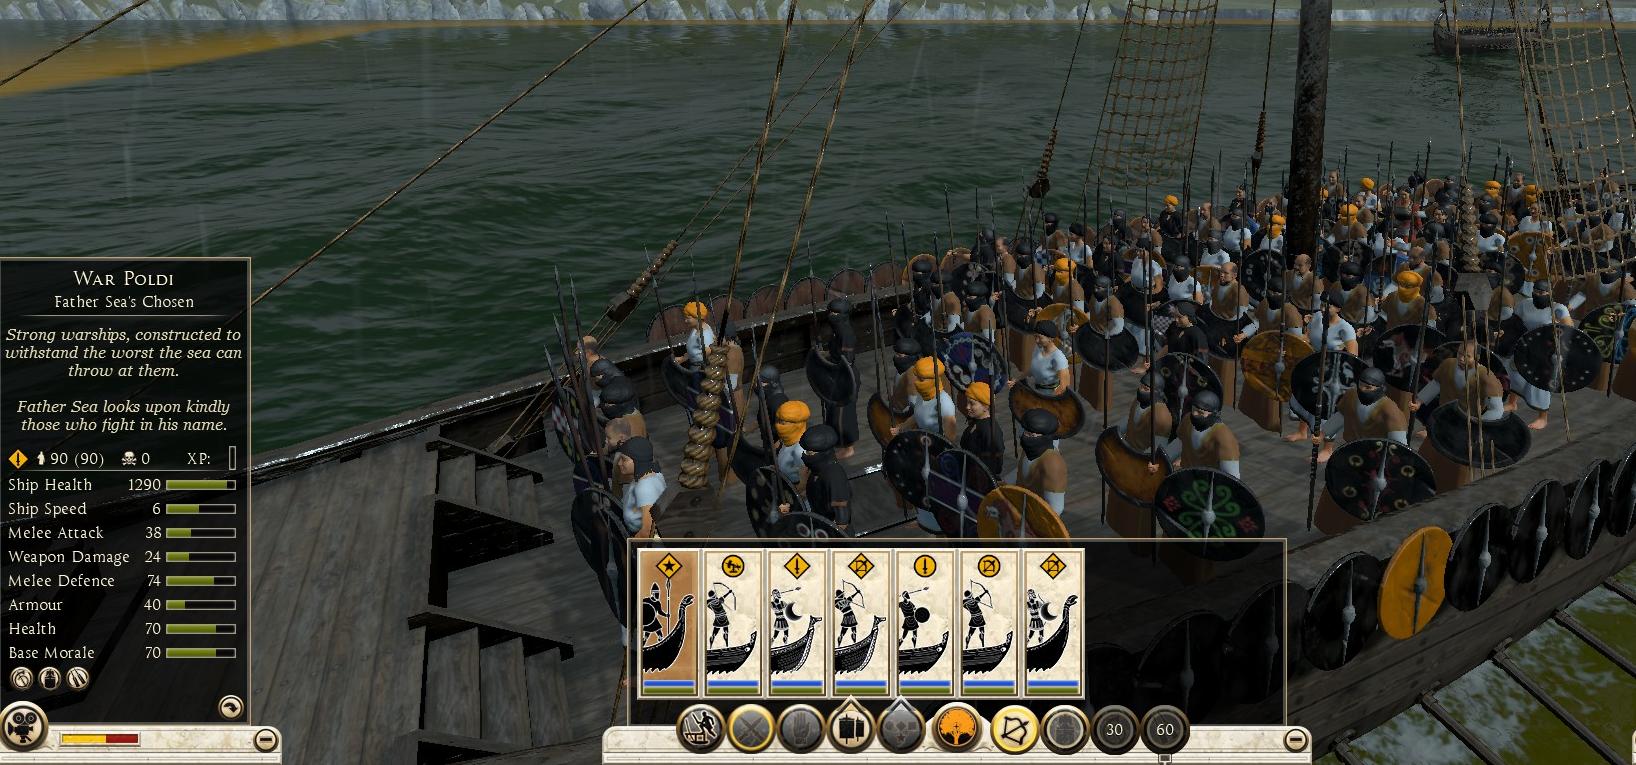 War Poldi, Father Sea's Chosen